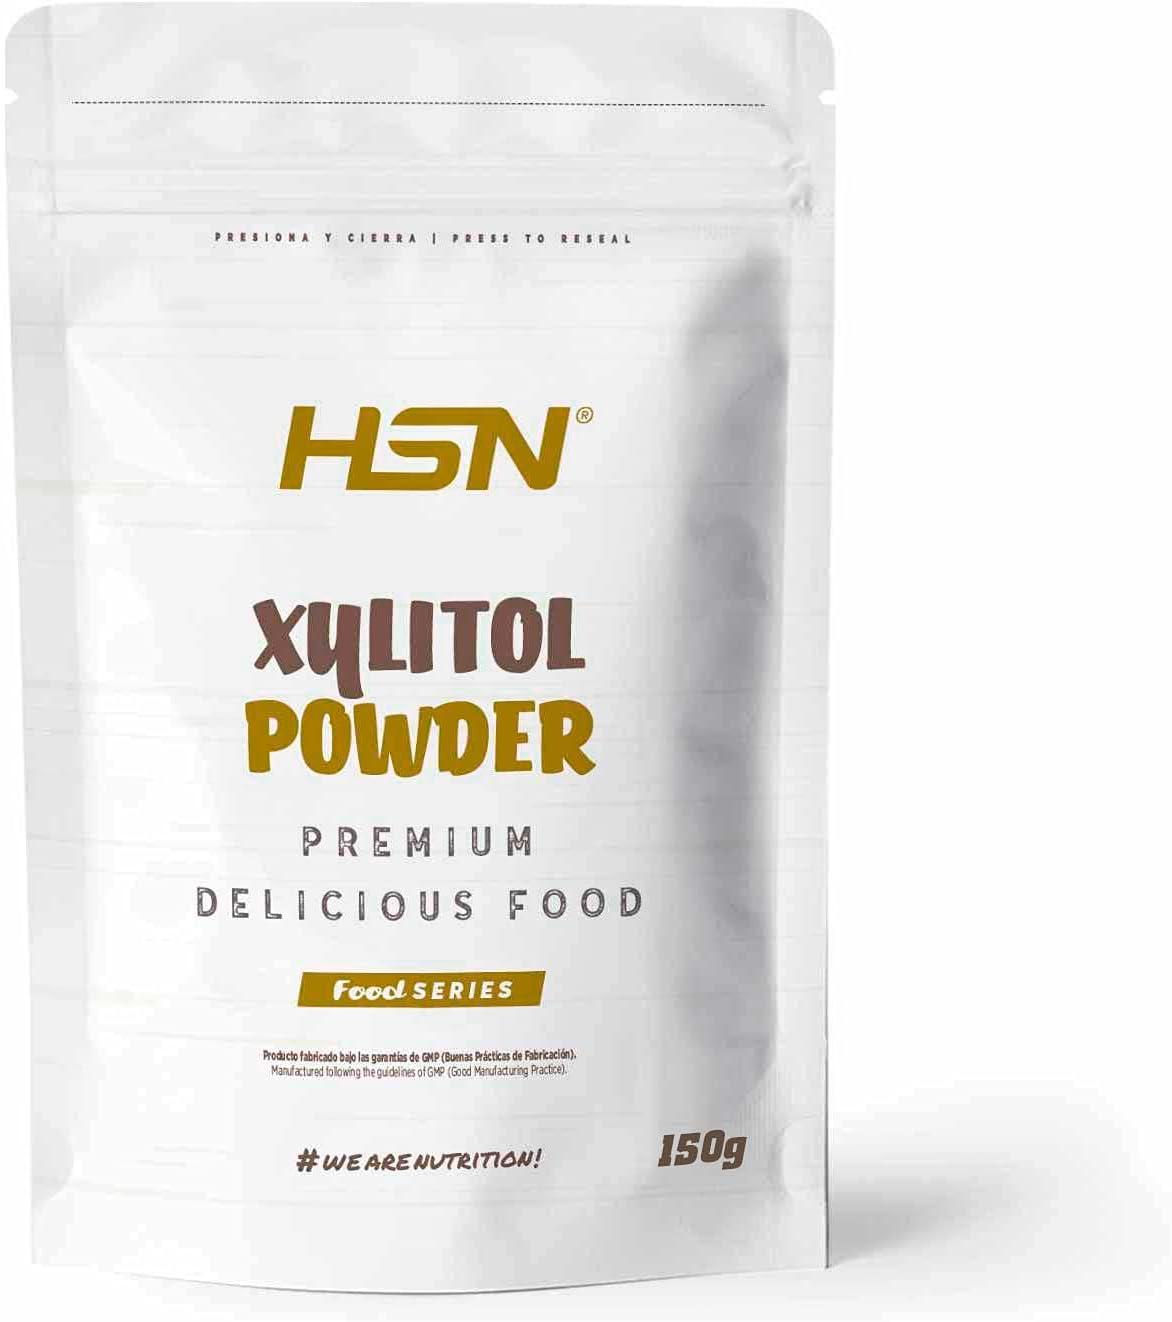 Xilitol de HSN | Edulcorante Natural Sin Calorías | Endulzante para Recetas Fitness | Sustituto del Azúcar | Apto Vegano, Sin Gluten, Sin Lactosa | En Polvo, Sin Sabor | 150g